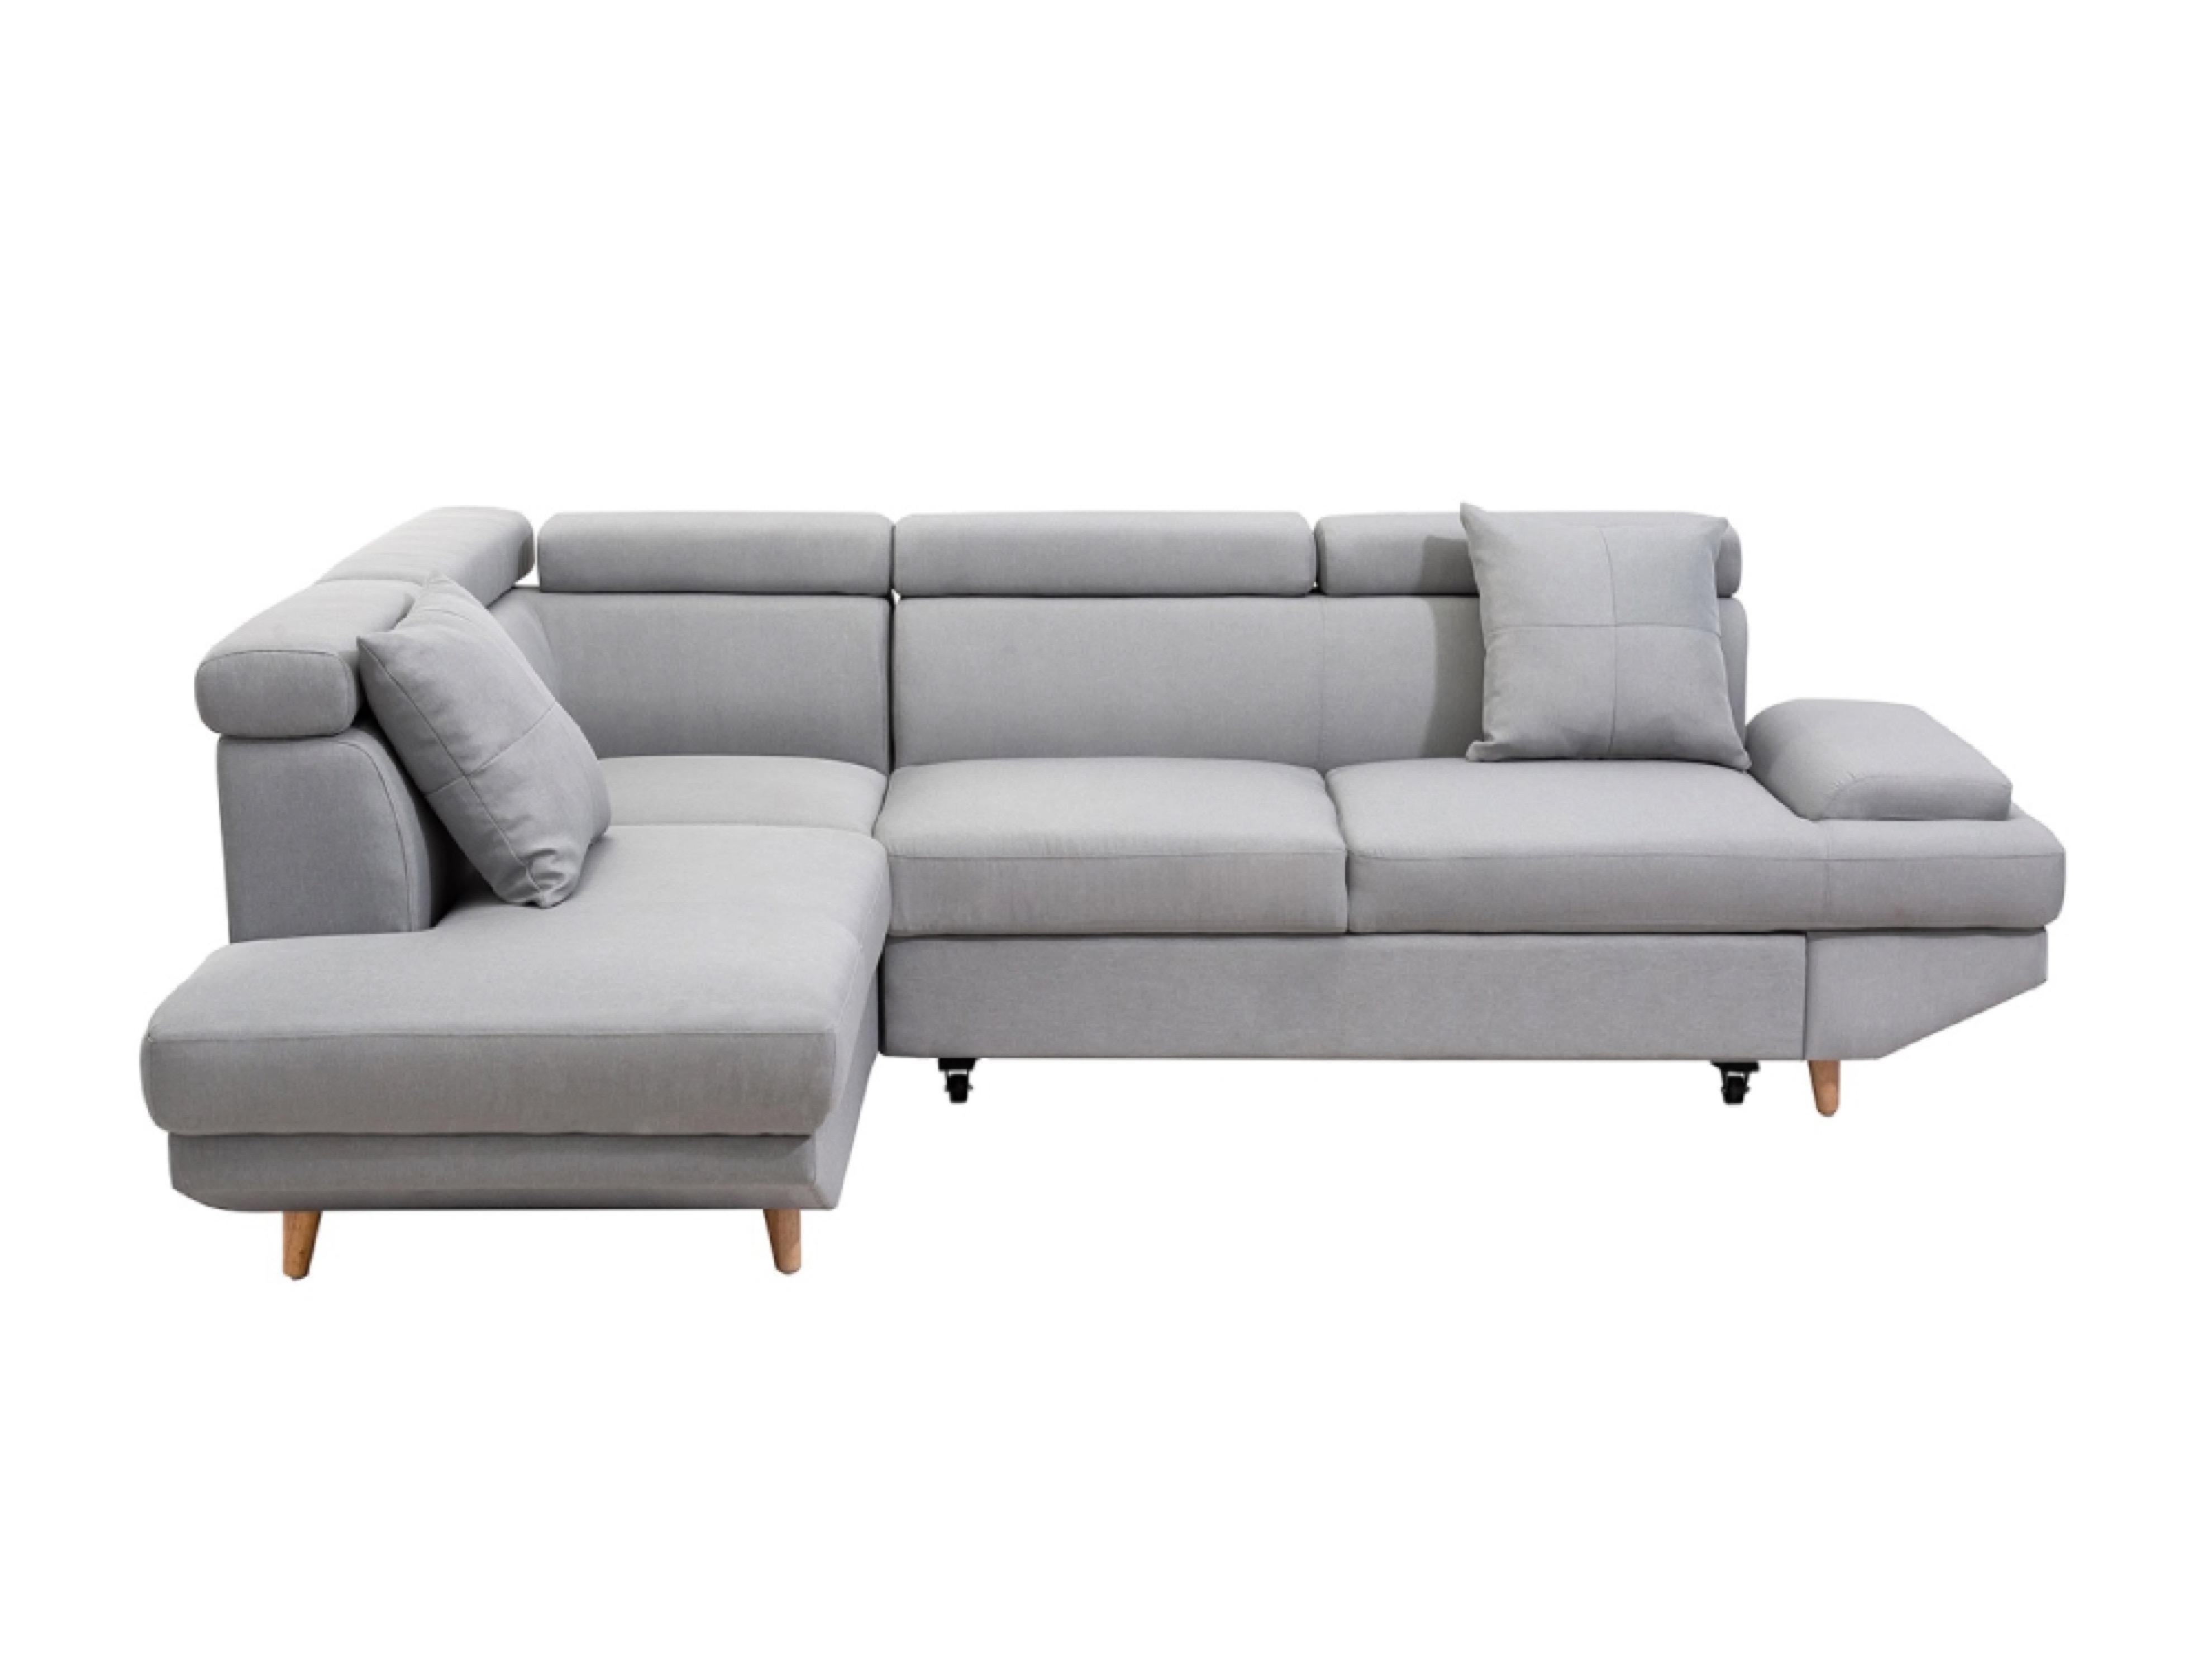 Canapé d'angle gauche convertible 4 places en tissu gris clair